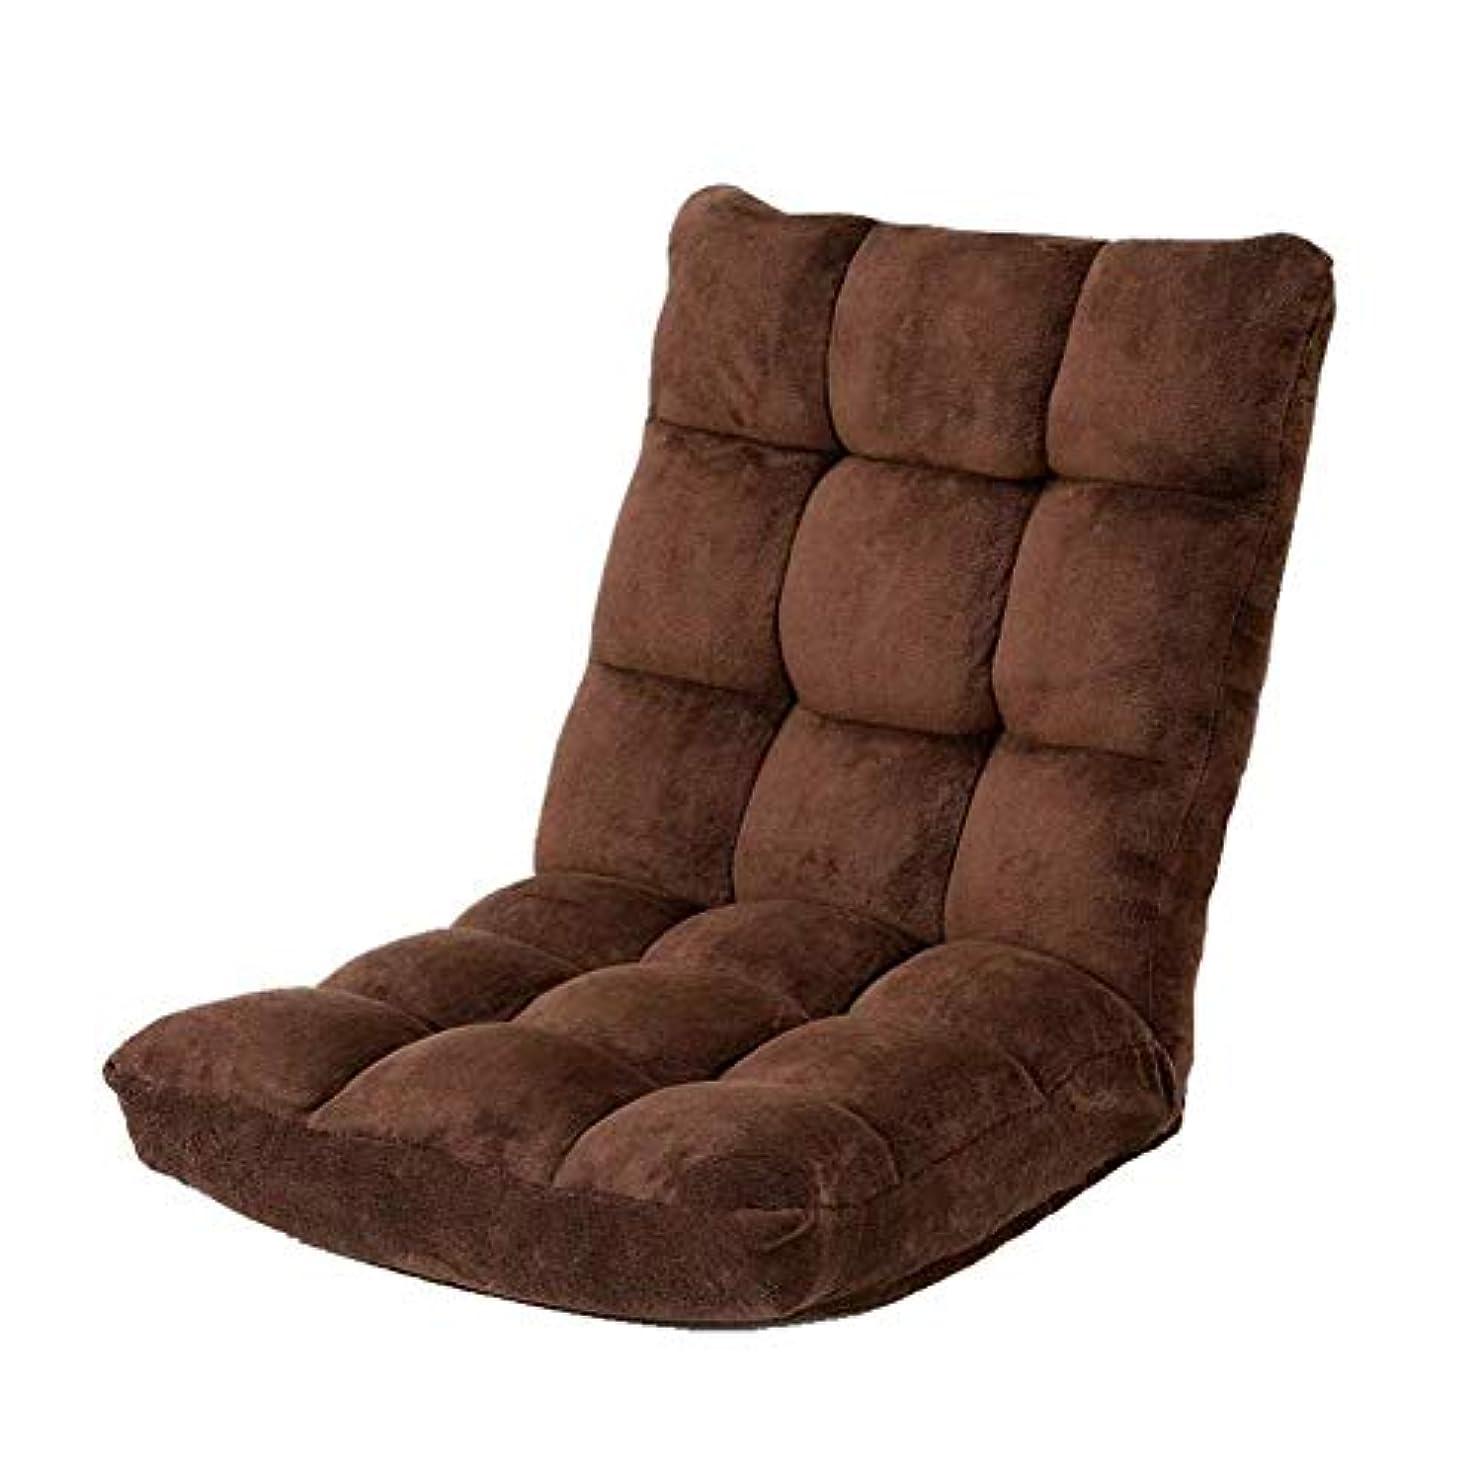 登録アーサーペスト瞑想用椅子、座りソファー、折りたたみ式畳床、折りたたみ式解体および洗濯可能増粘、レッグレスカジュアルシングルリクライニングベッド (Color : Brown)